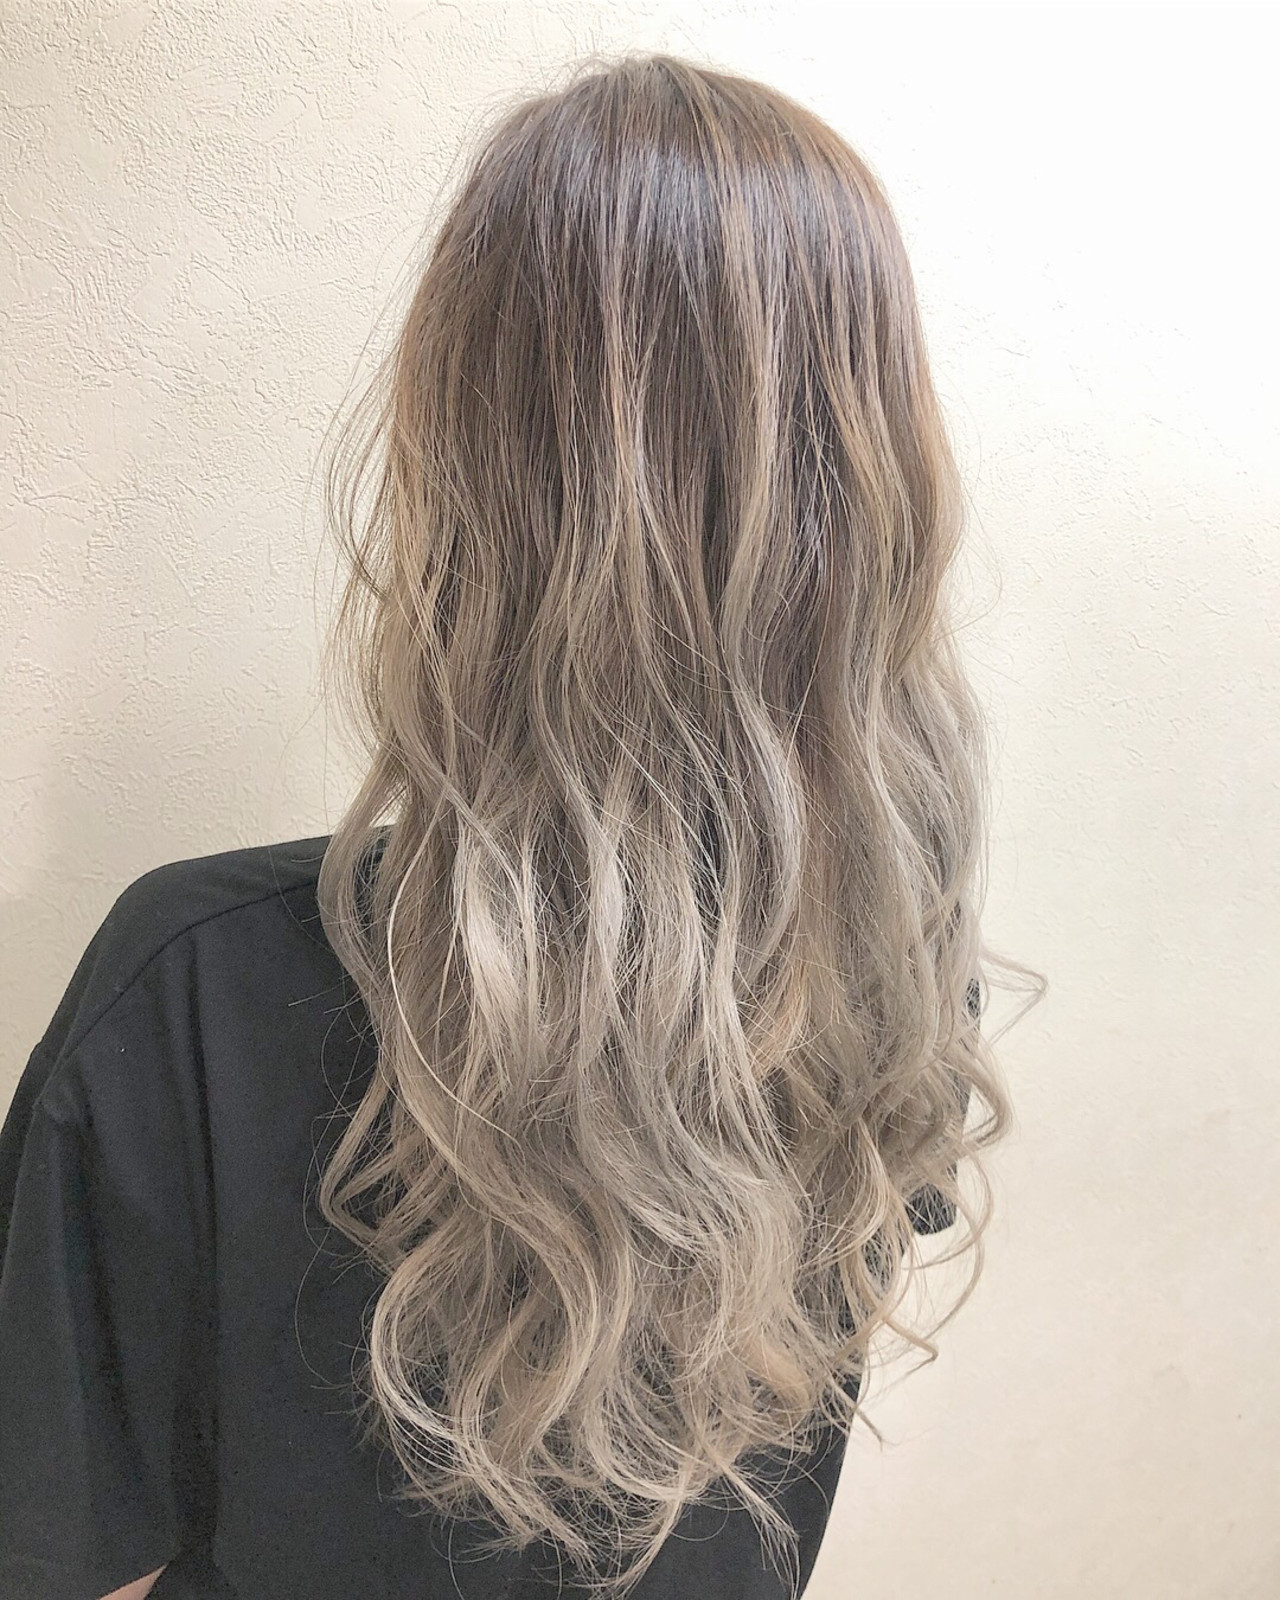 ダブルカラー エレガント トリートメント ハイライト ヘアスタイルや髪型の写真・画像